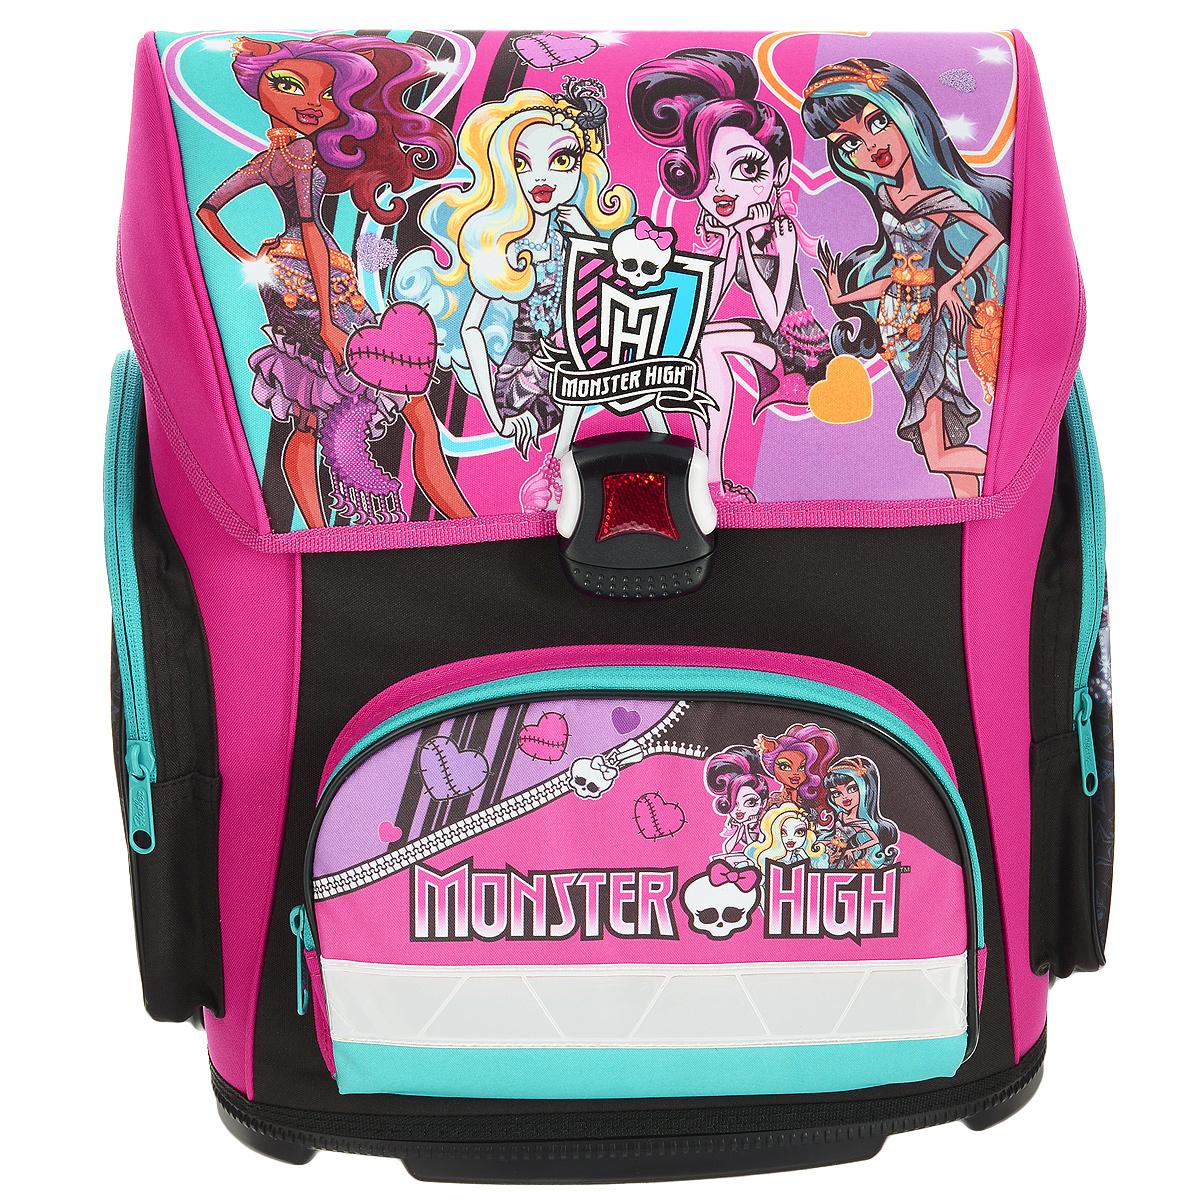 Ранец школьный Hatber Monster High, модель Optimum, цвет: черный, розовыйNRk_20629Ранец школьный Hatber Monster High выполнен из водонепроницаемого, морозоустойчивого, устойчивого к солнечному излучению материала. Изделие оформлено изображениями героев мультфильма Школа монстров. Ранец содержит одно вместительное отделение, закрывающееся клапаном на пластиковый замок-защелку, который является морозоустойчивым, отличается долгим сроком службы. Внутри отделения имеется одна перегородка для тетрадей, учебников, маленький карман-косметичка на пластиковой молнии и накладной пластиковый кармашек, предназначенный для расписания уроков (имеется вкладыш для заполнения). Верхний клапан полностью откидывается, что существенно облегчает пользование ранцем. Ранец имеет два боковых кармана, закрывающихся на молнии и один карман на молнии на лицевой стороне. Ранец оснащен ручкой с резиновой насадкой для удобной переноски. Специальная жесткая конструкция спинки ранца оптимально распределяет нагрузку на позвоночник ребенка, способствуя формированию правильной осанки. В нижней части спинки расположен поясничный валик, на который, при правильном ношении, приходится основная нагрузка. Для удобства и комфорта, спинка и лямки ранца дополнены эргономичными подушечками, противоскользящей сеточкой с вентиляционными отверстиями. S-образная форма лямок обеспечивает более плотную фиксацию ранца, предотвращая перенапряжение мышц. Мягкие анатомические лямки позволяют легко и быстро отрегулировать ранец в соответствии с ростом ребенка. Дно ранца выполнено из пластика высокого качества, оно не деформируется, обеспечивает ранцу хорошую устойчивость и легко очищается от загрязнений.Светоотражающие элементы на лицевой и боковой стороне, а также на лямках рюкзака обеспечивают дополнительную безопасность в темное время суток.